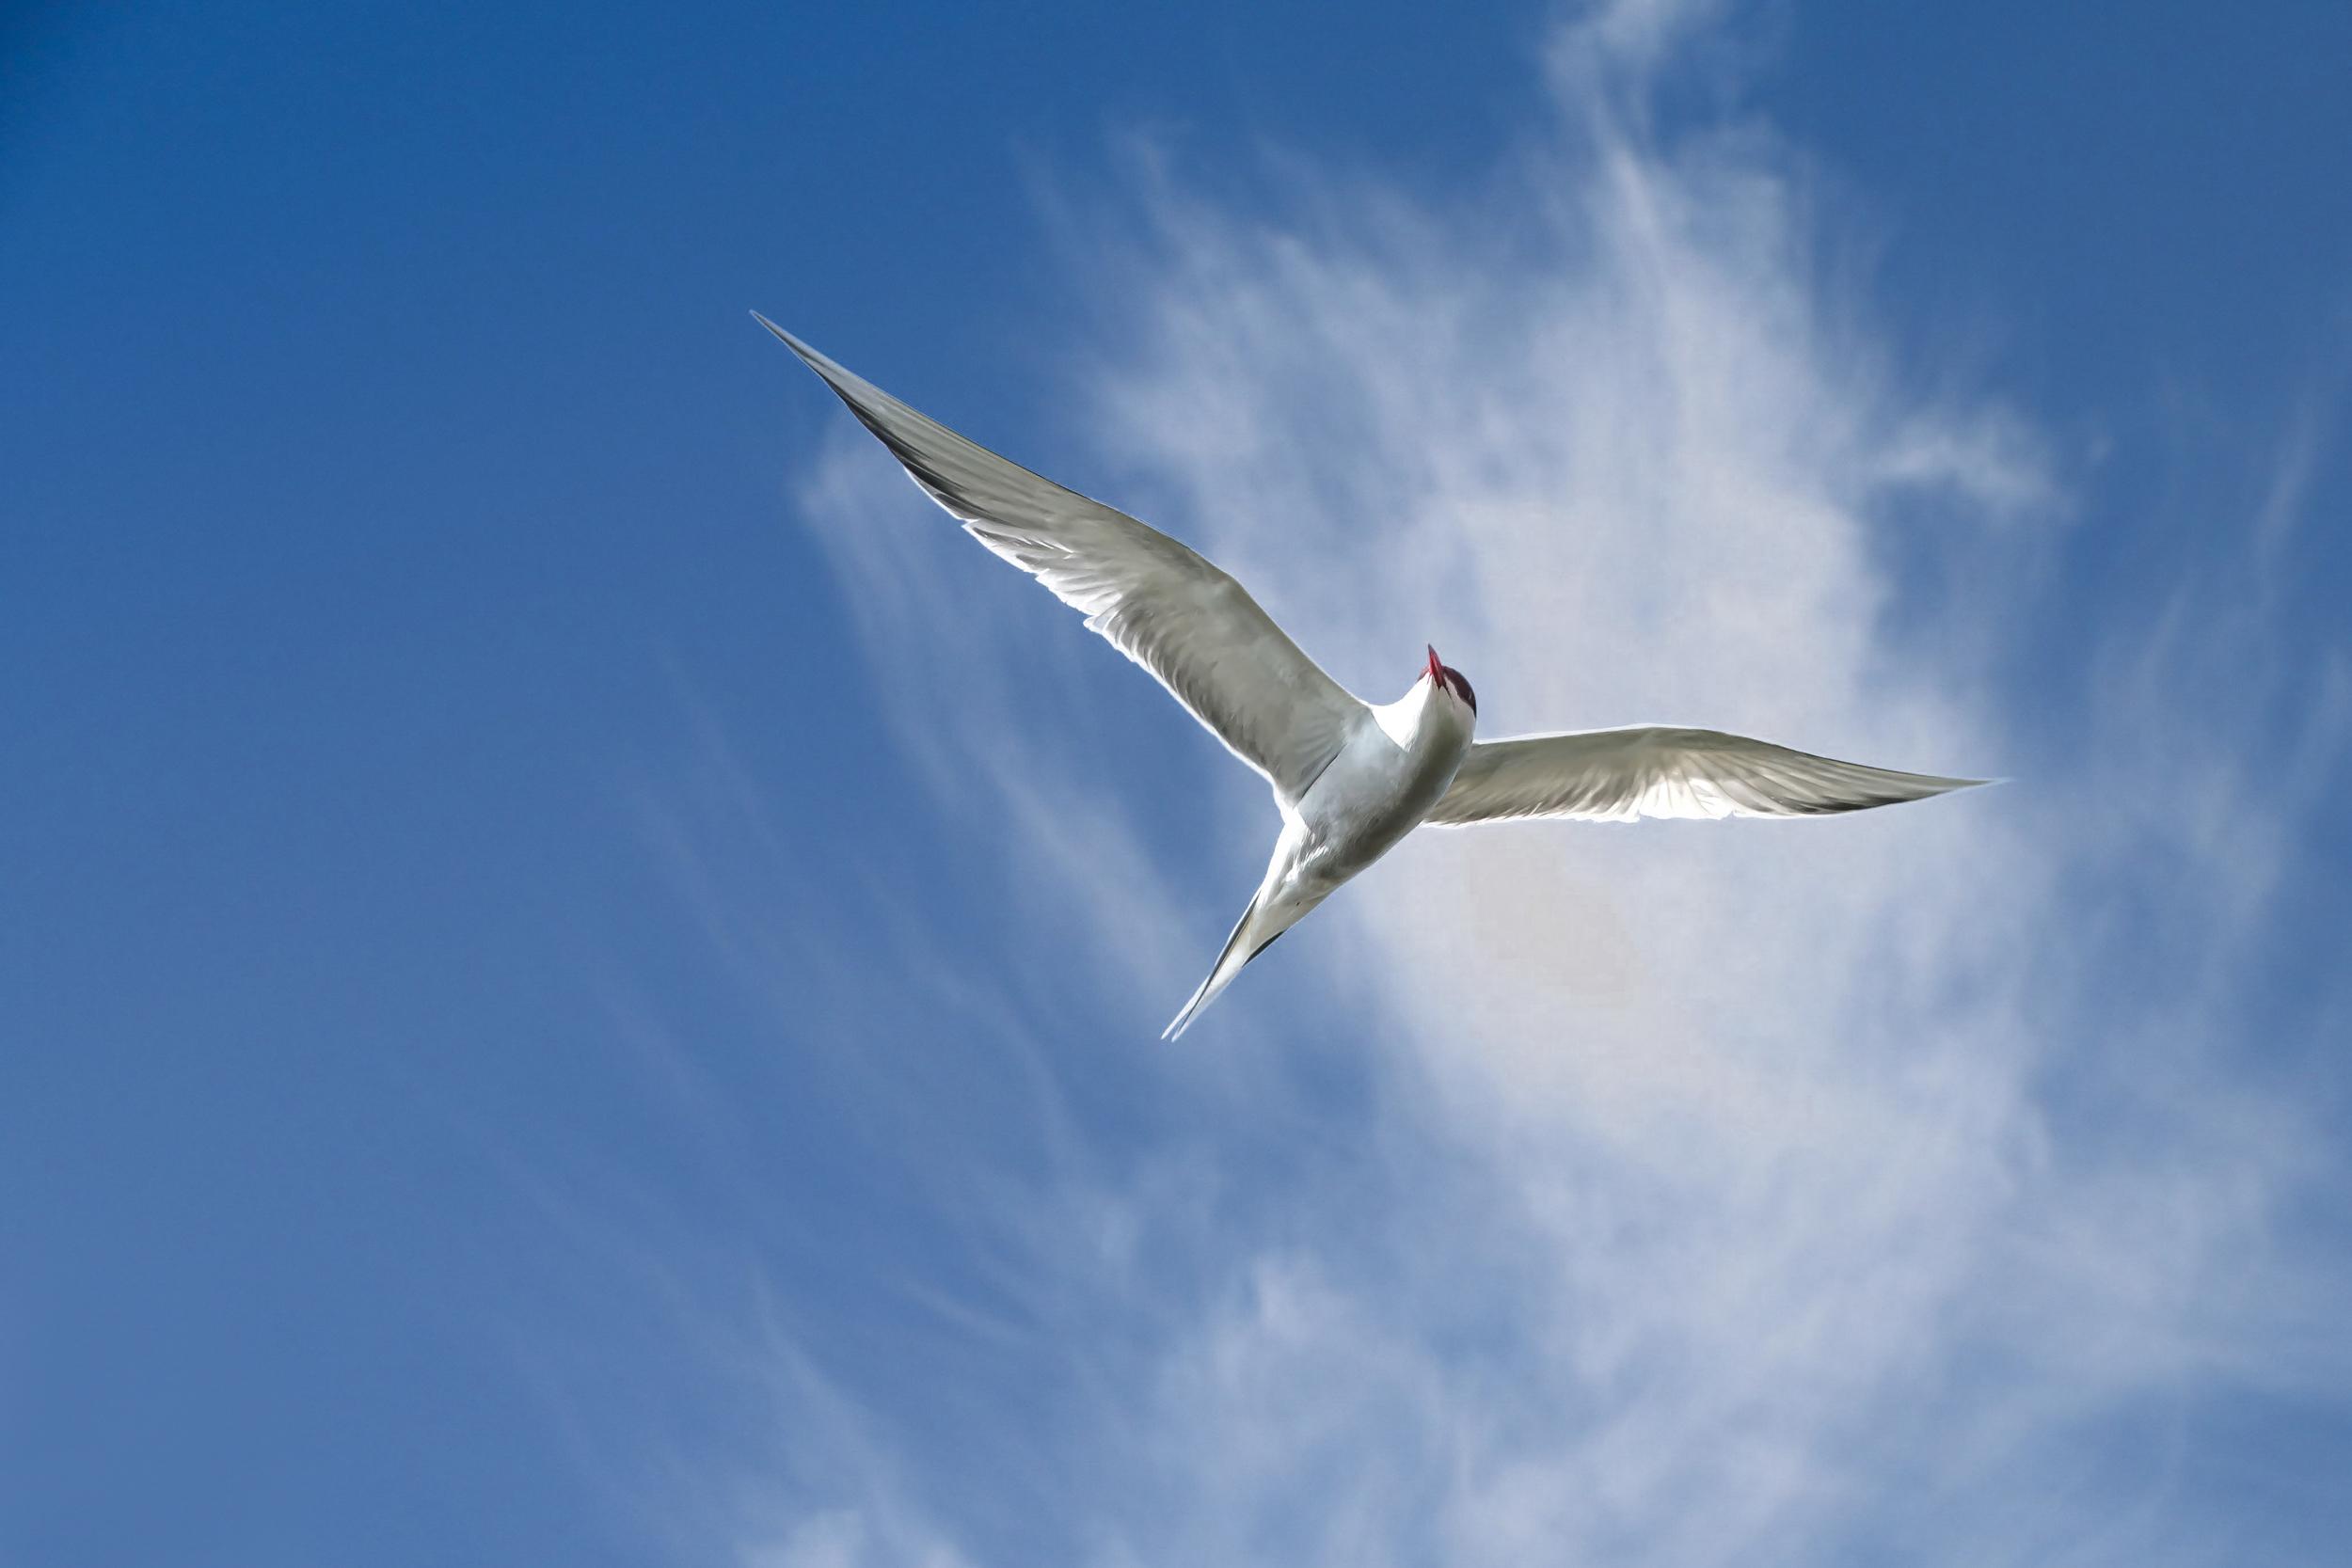 The beautiful Common Tern